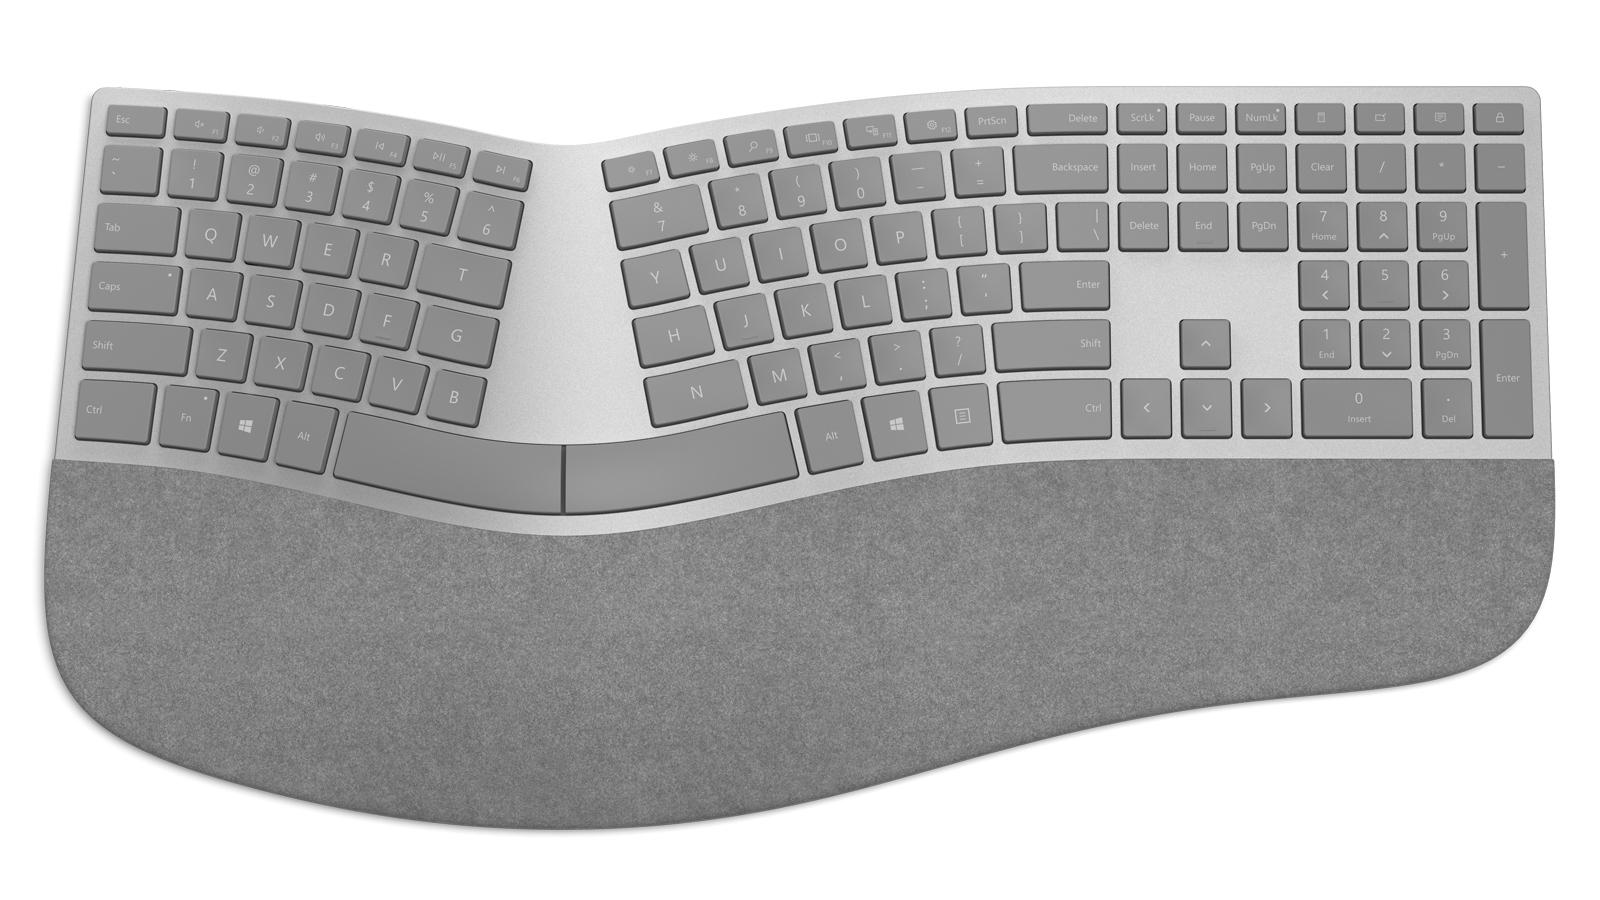 微软还为 Surface 用户准备了一款人体工学键盘